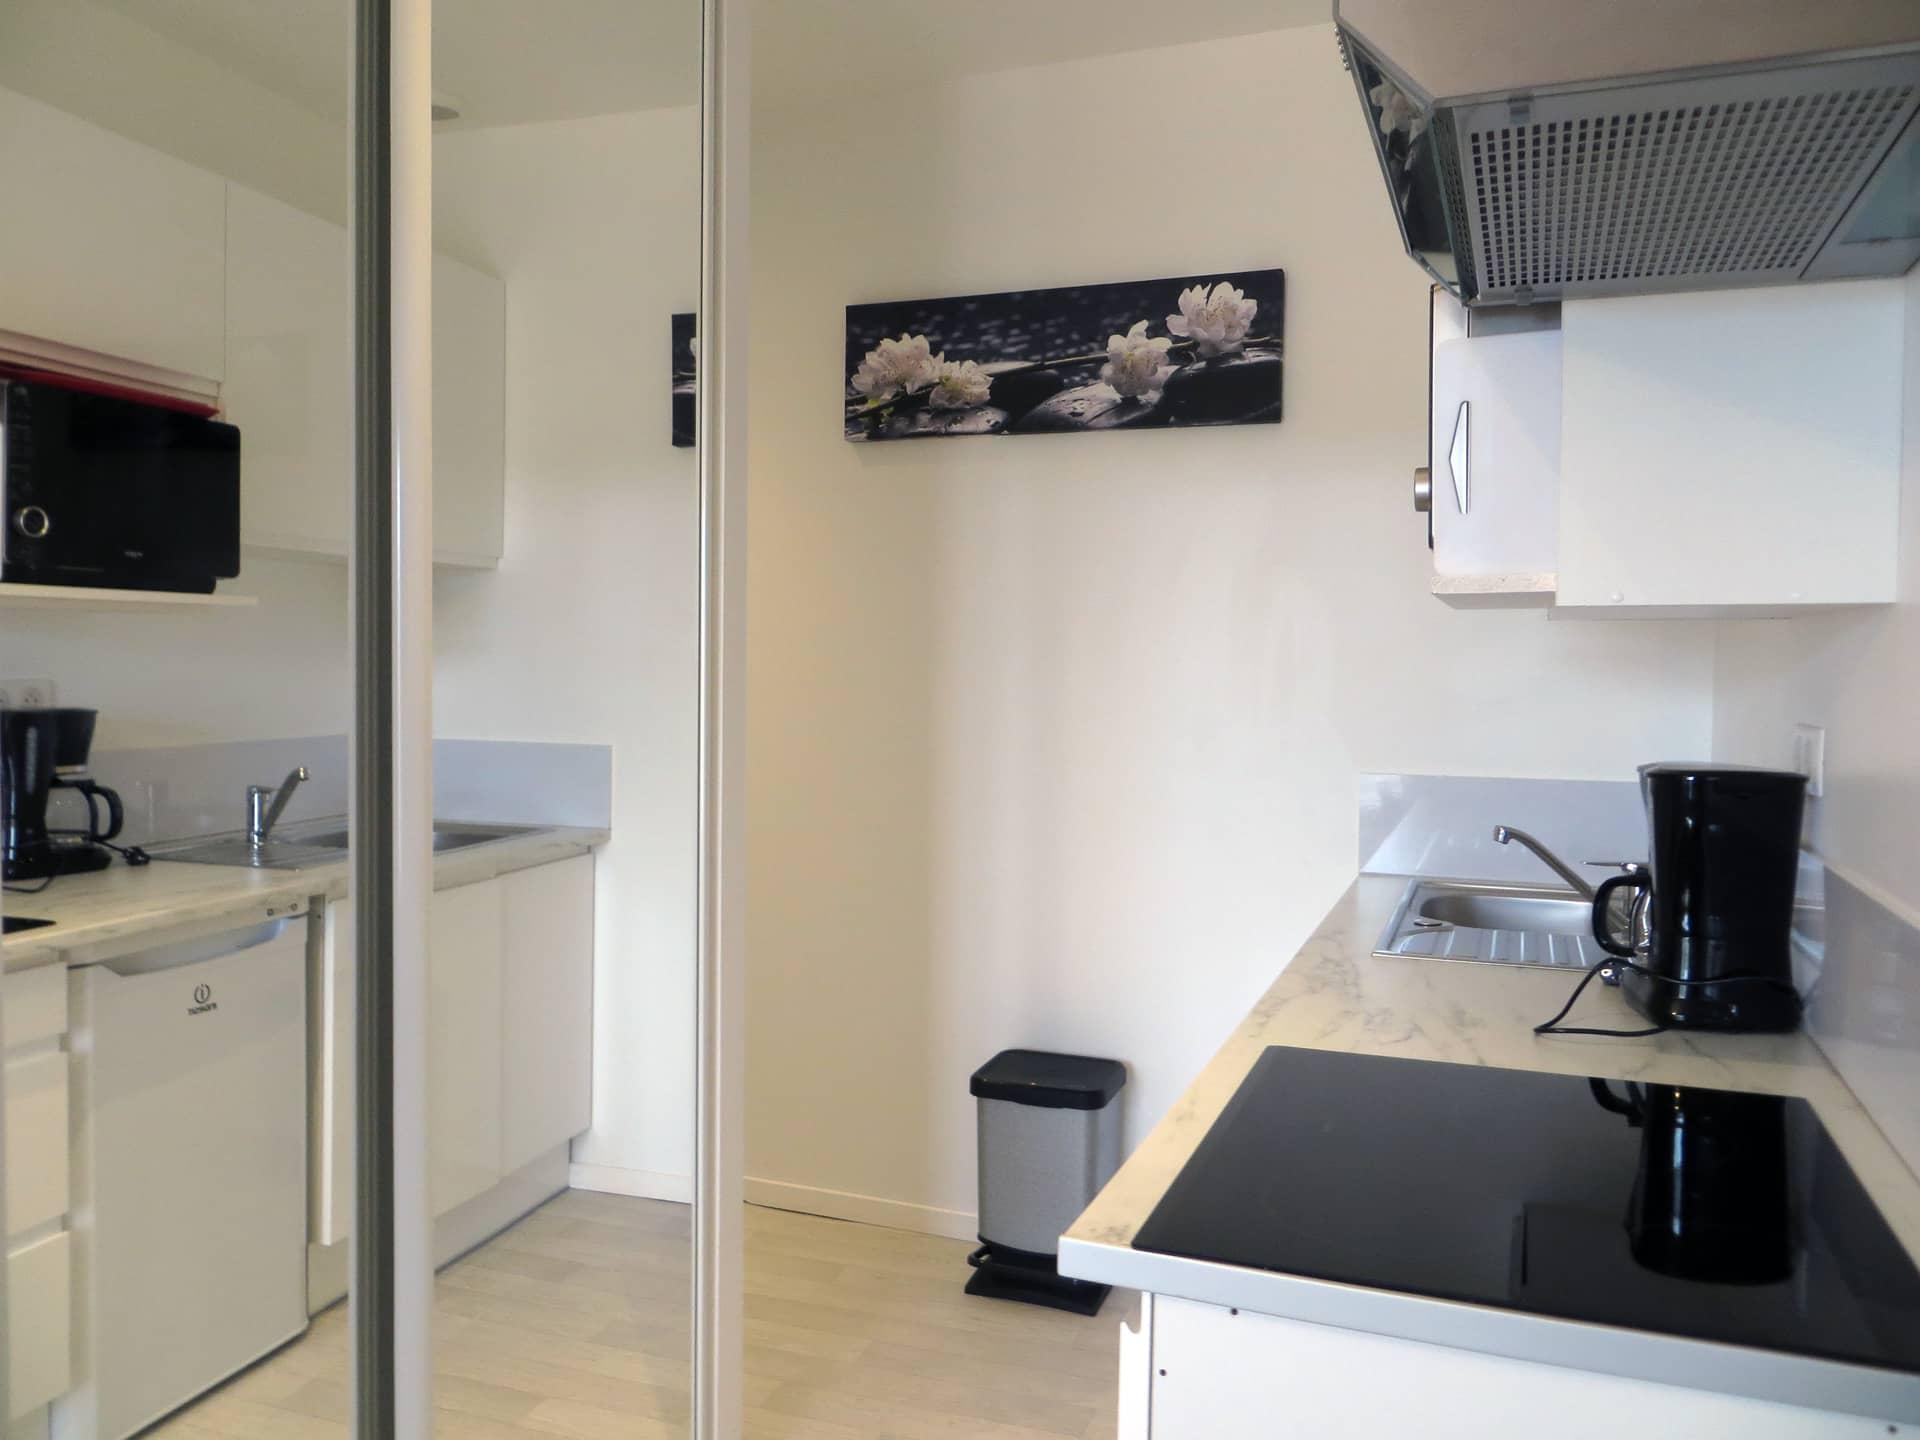 Cuisine d'un appart hôtel de charme dans le Gard